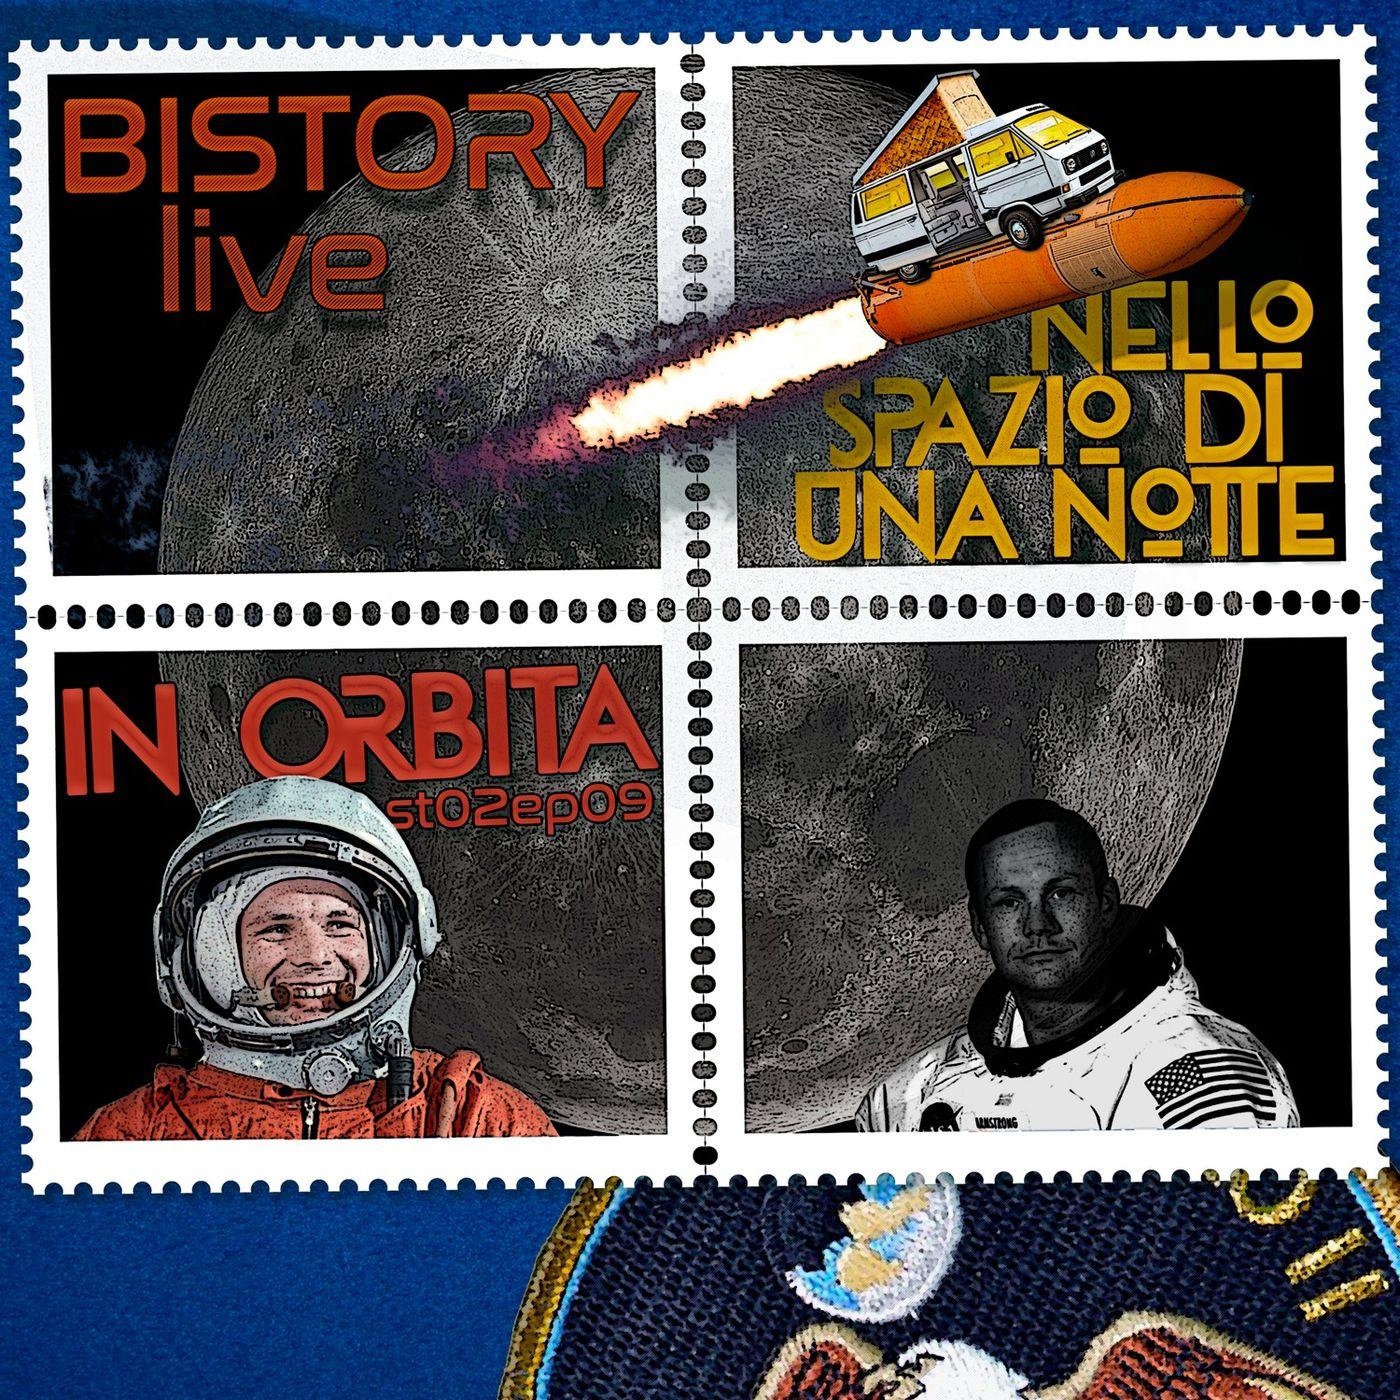 Bistory S02E09 Live nello Spazio di una notte In Orbita